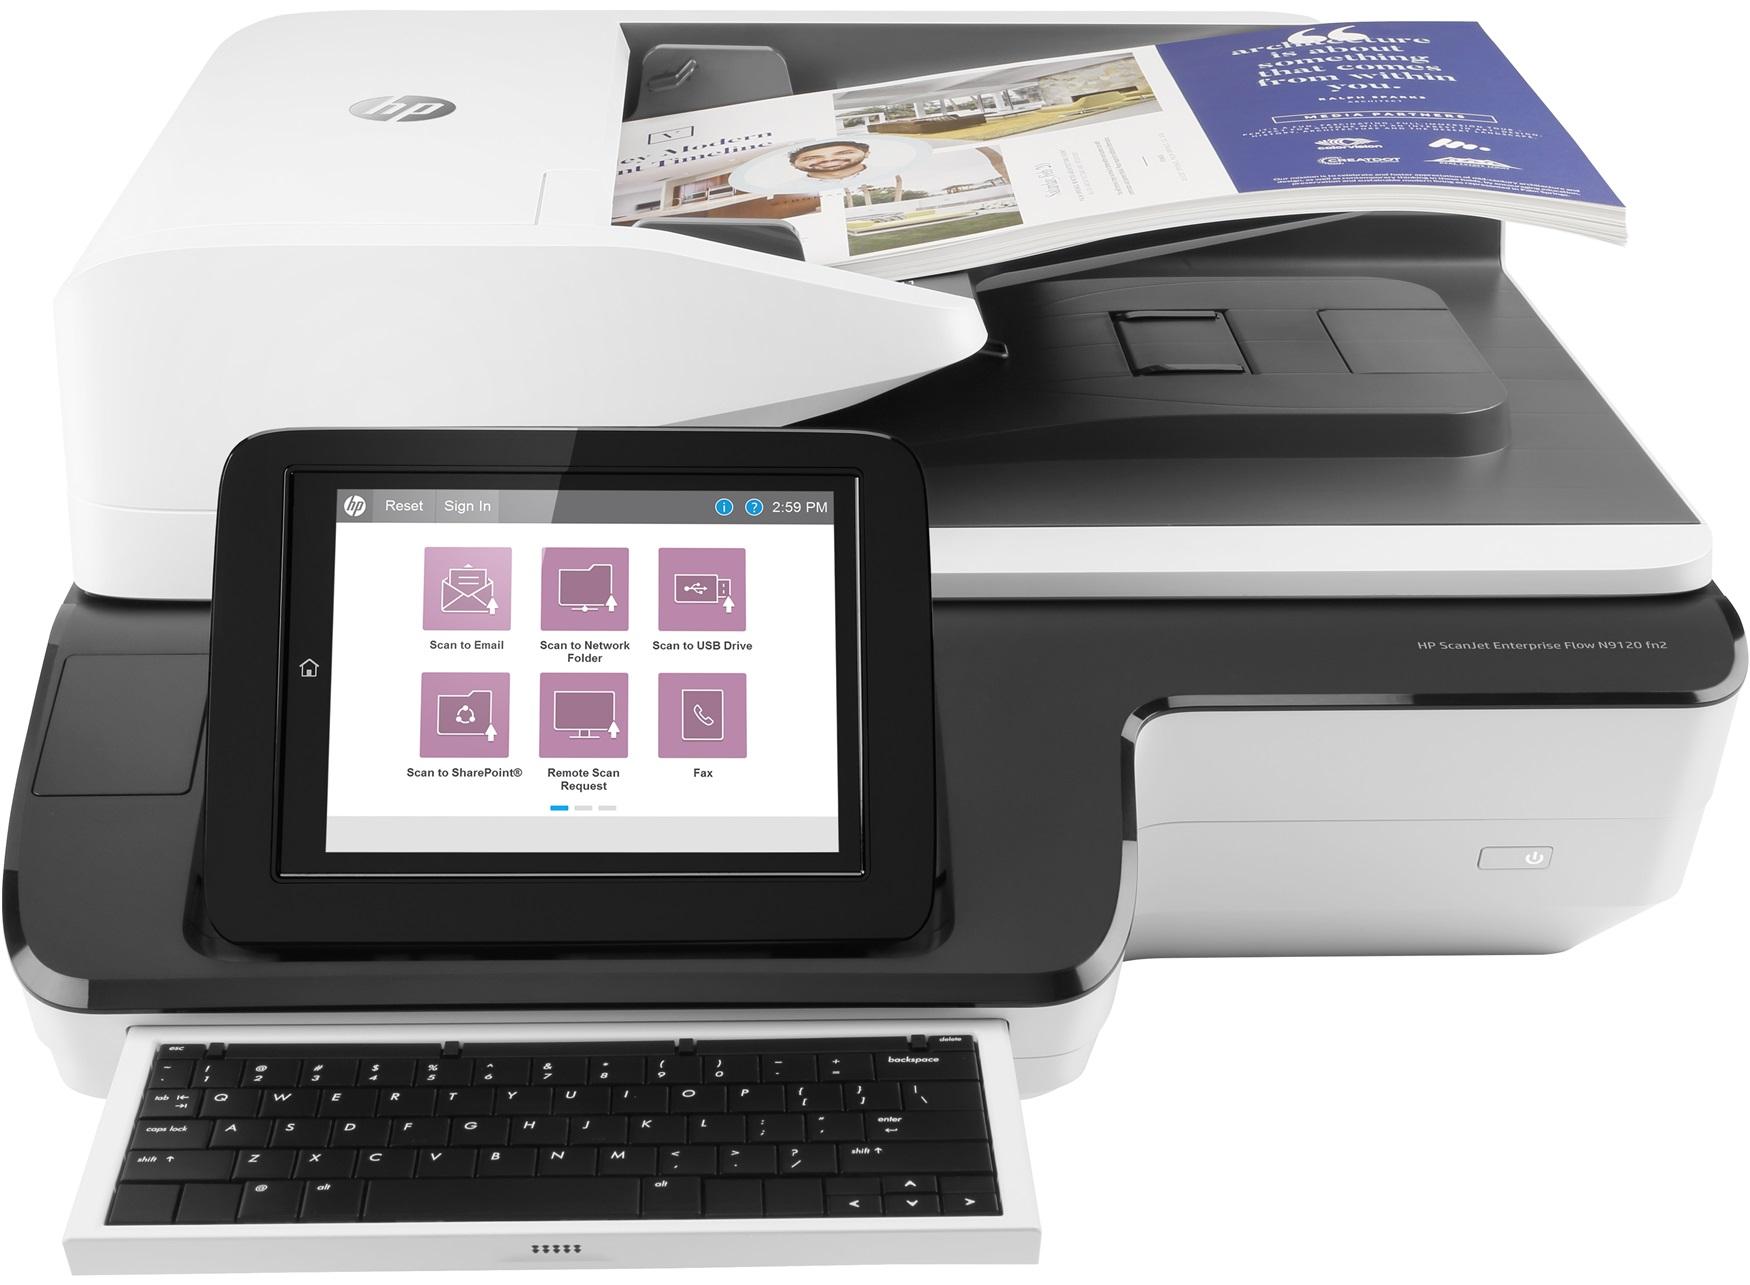 HP Scanjet N9120 fn2, bản nâng cấp đáng giá của N9120